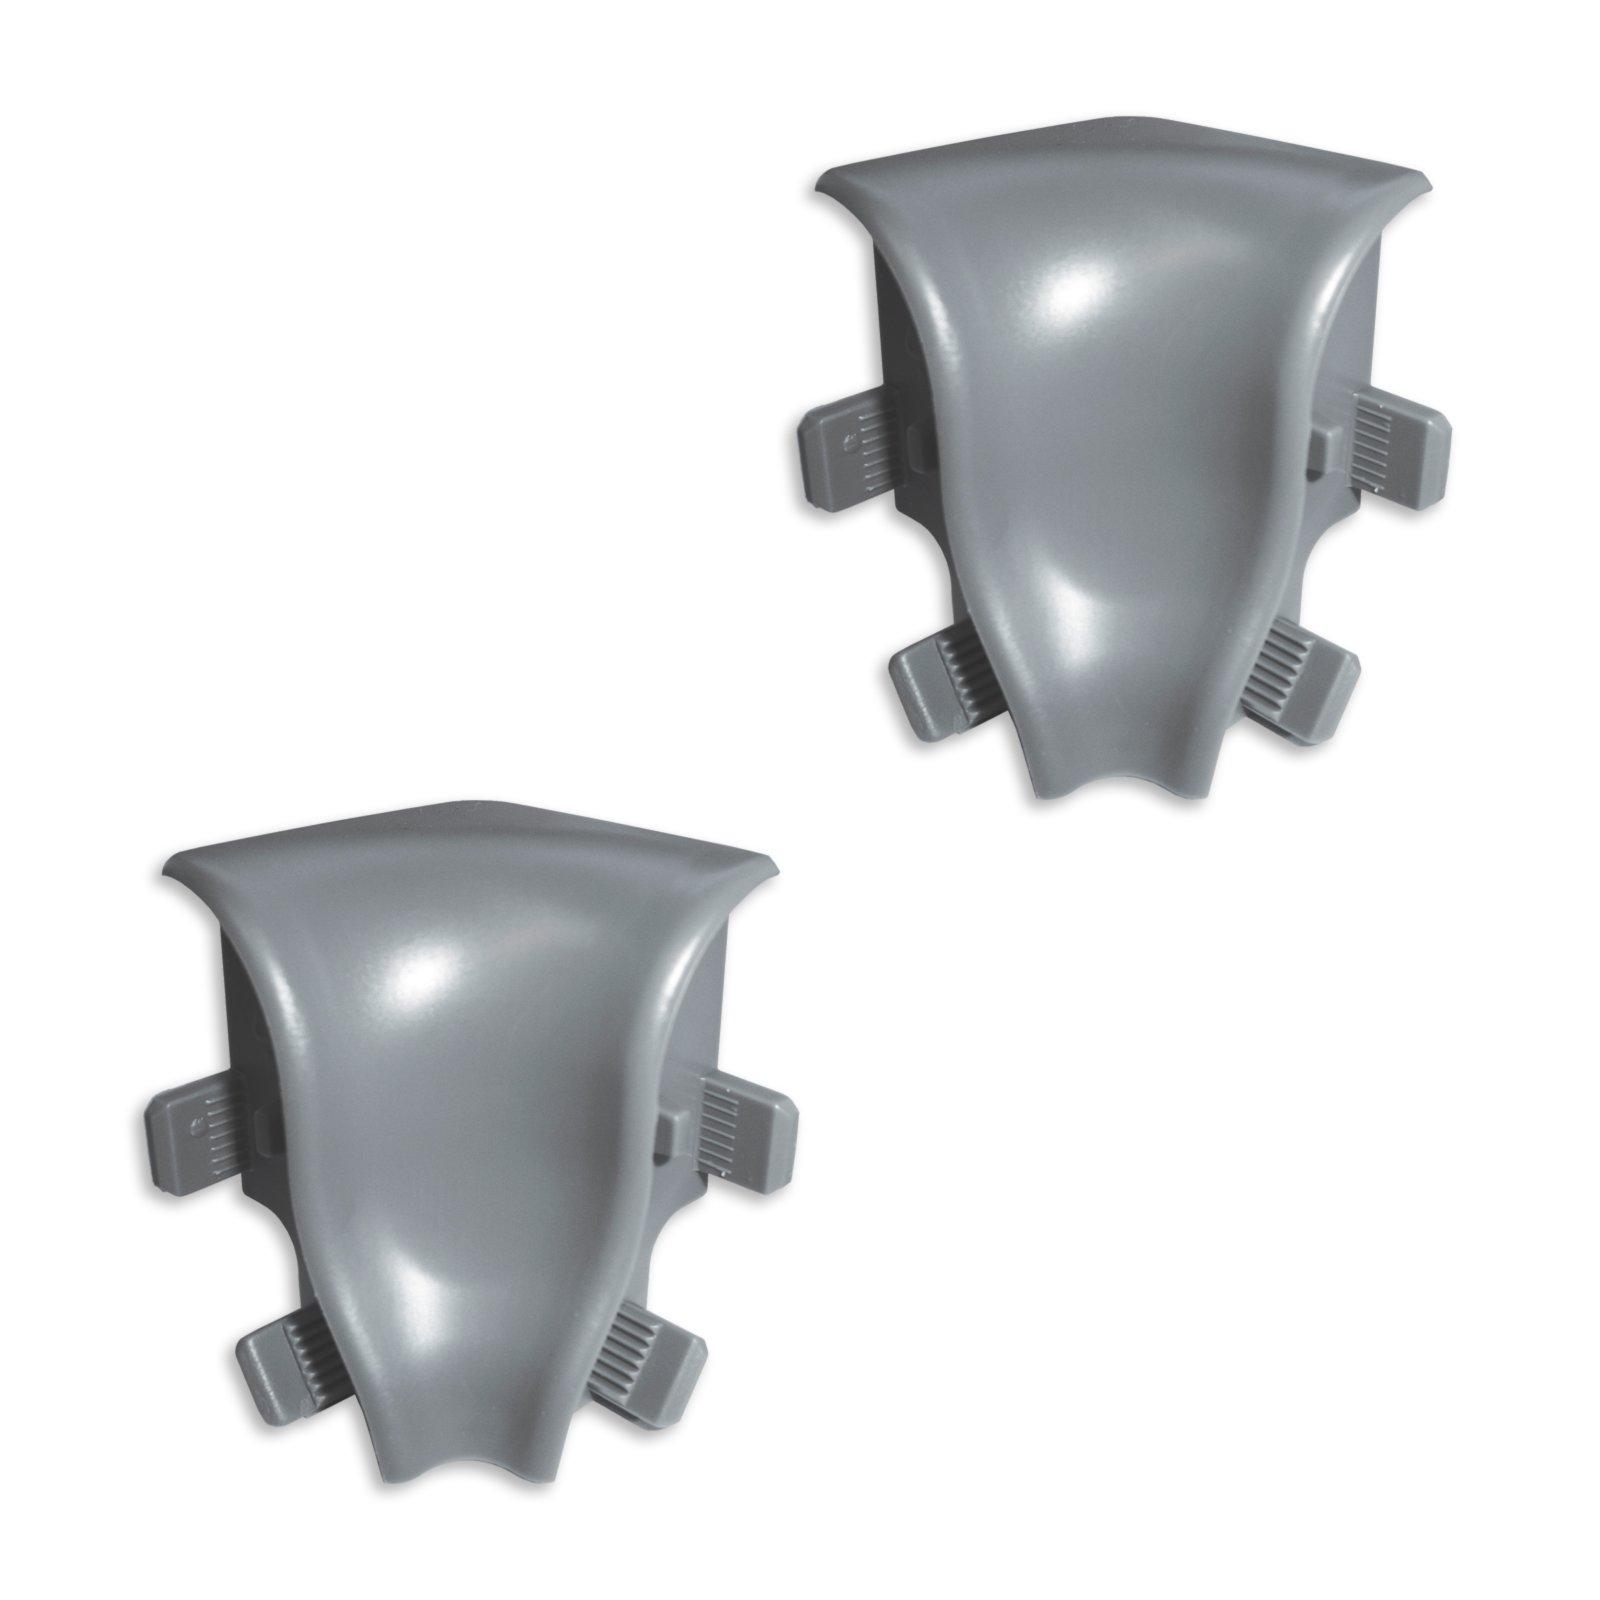 2 Innenecken K40 - silber dunkel - für Sockelleisten - 40x22 mm